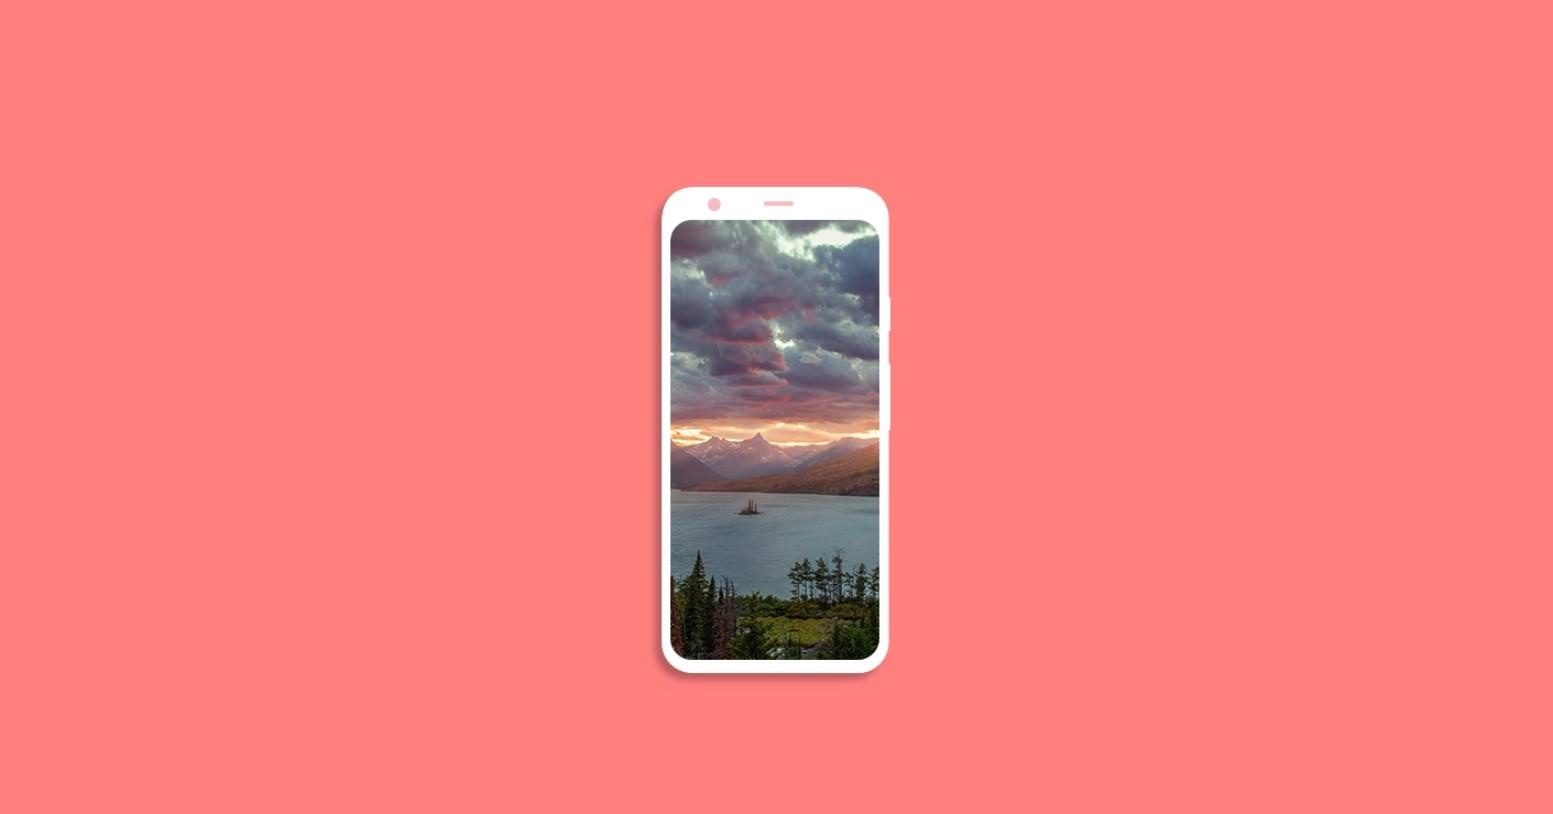 Některé tapety pro mobily mohou způsobit problémy [Android]